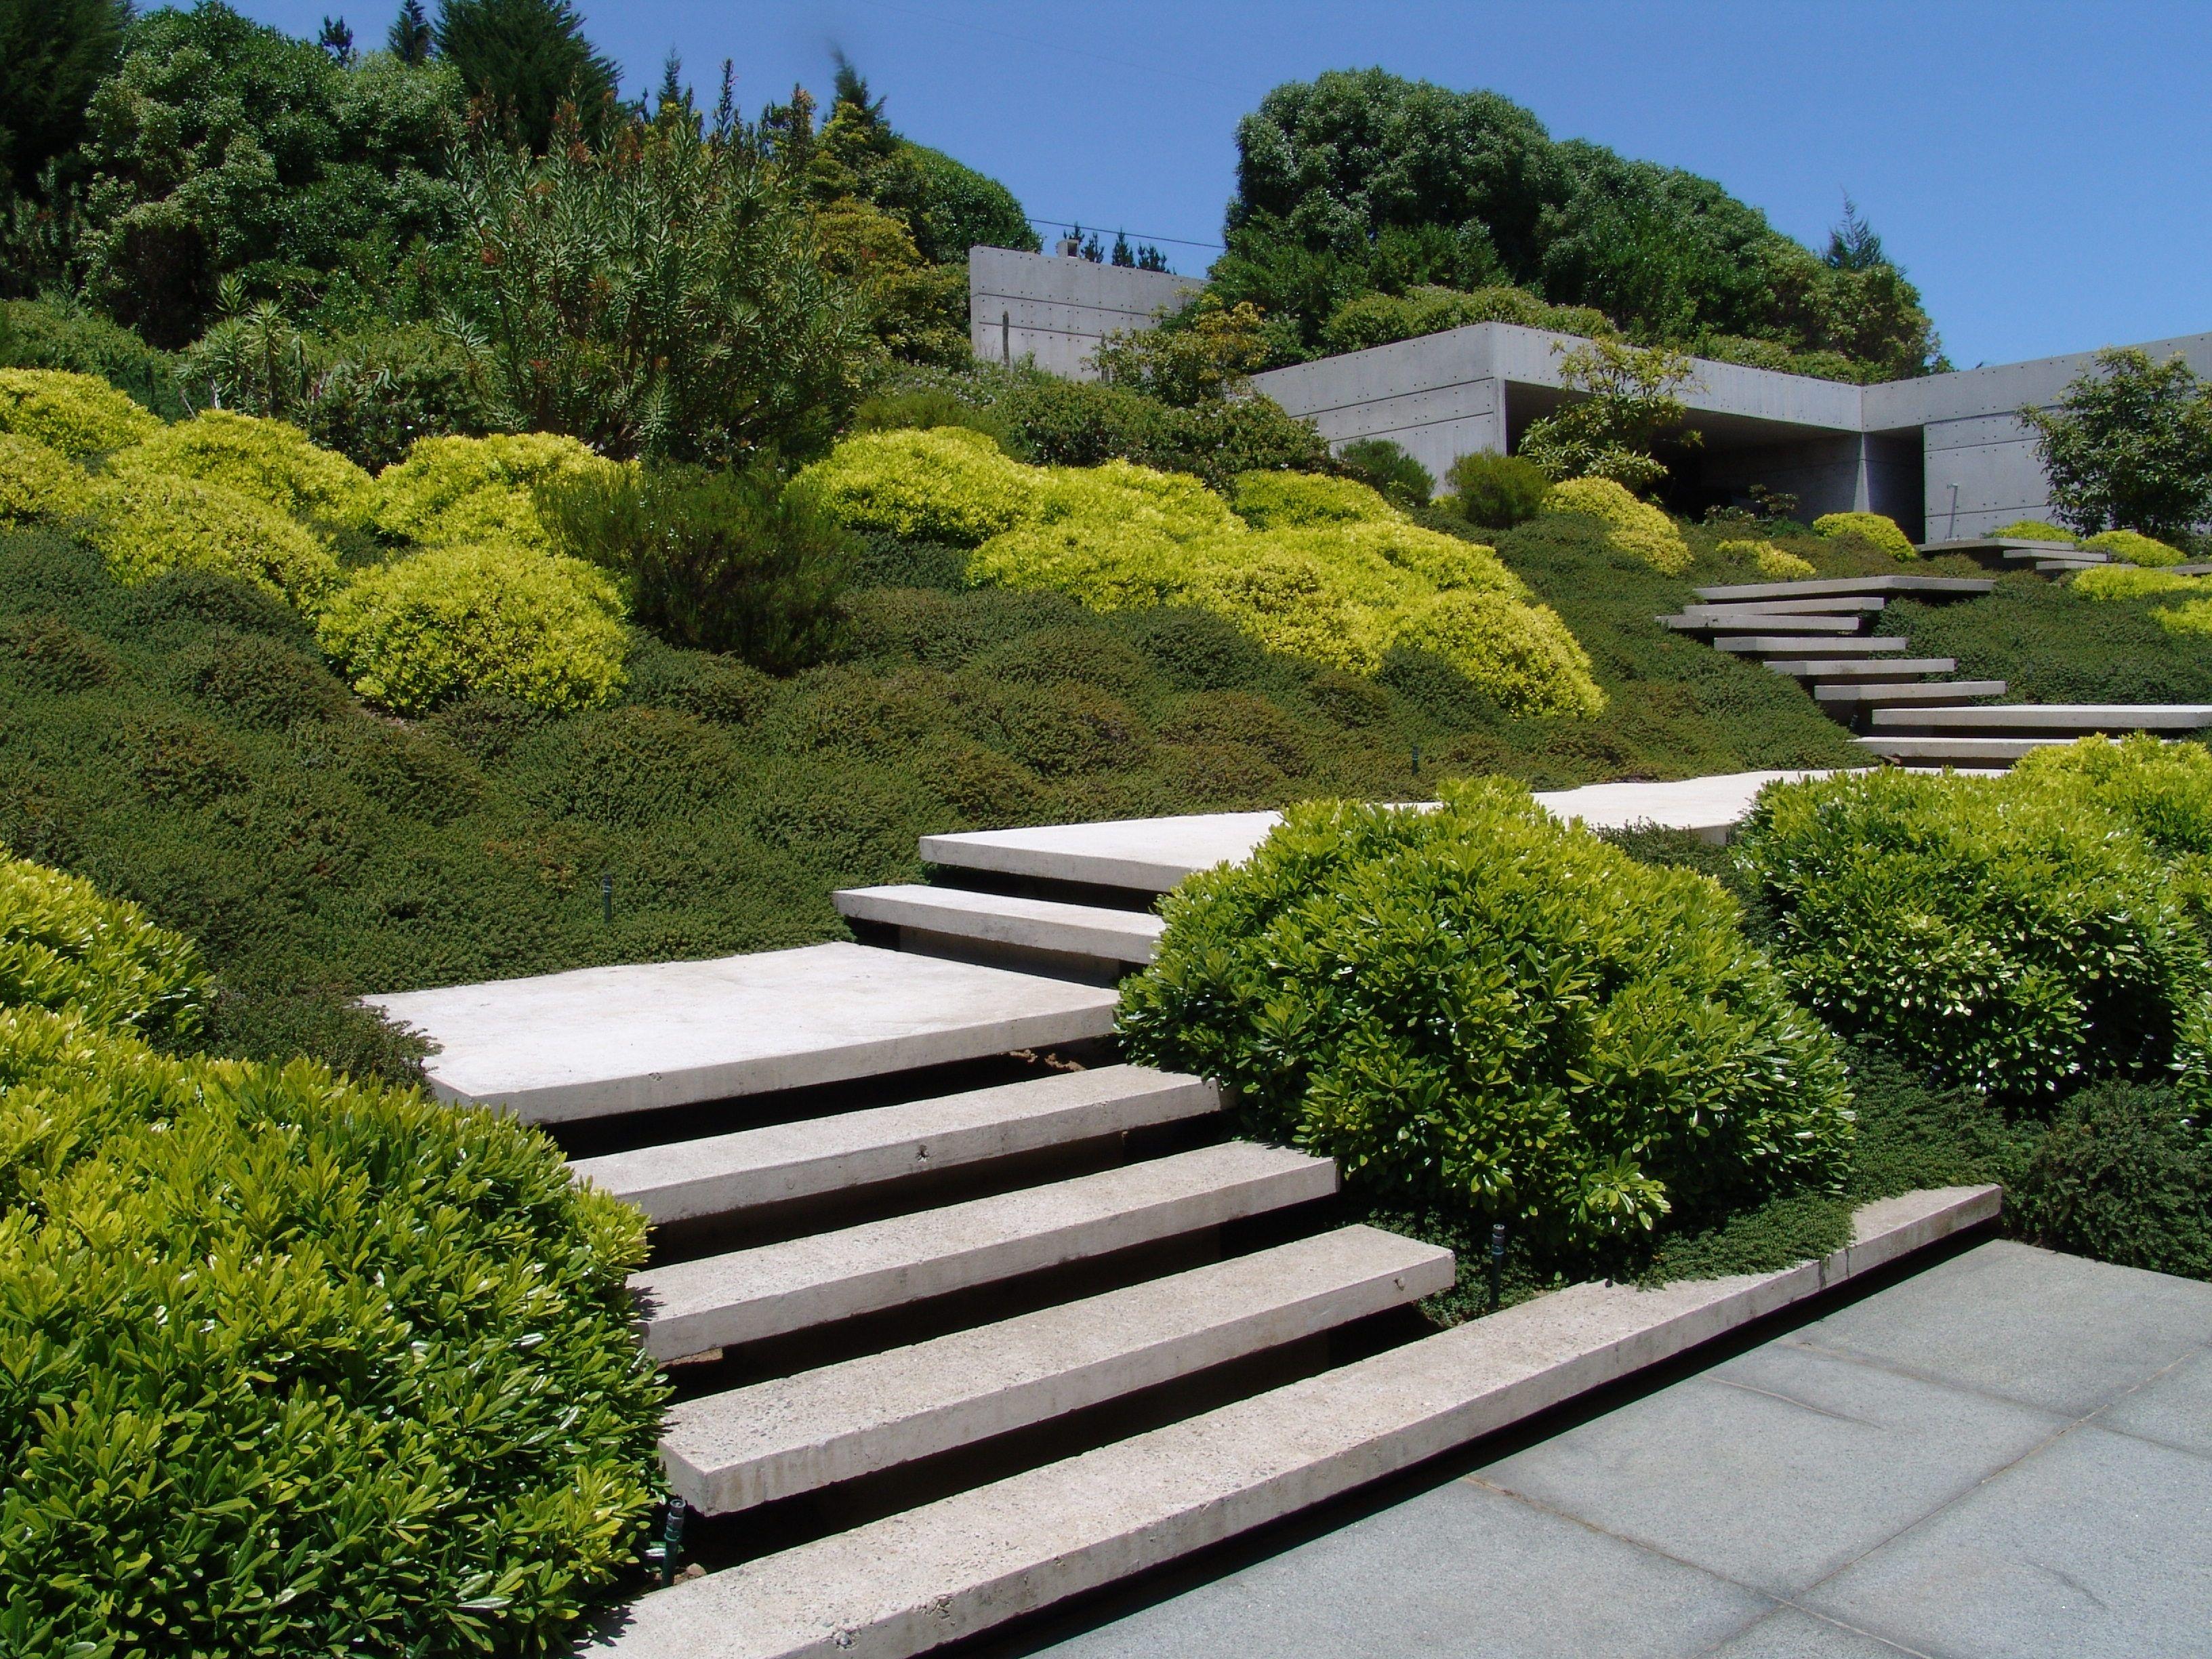 Juan grimm paisajismo jard n papudo chile jardines for Paisajismo jardines modernos